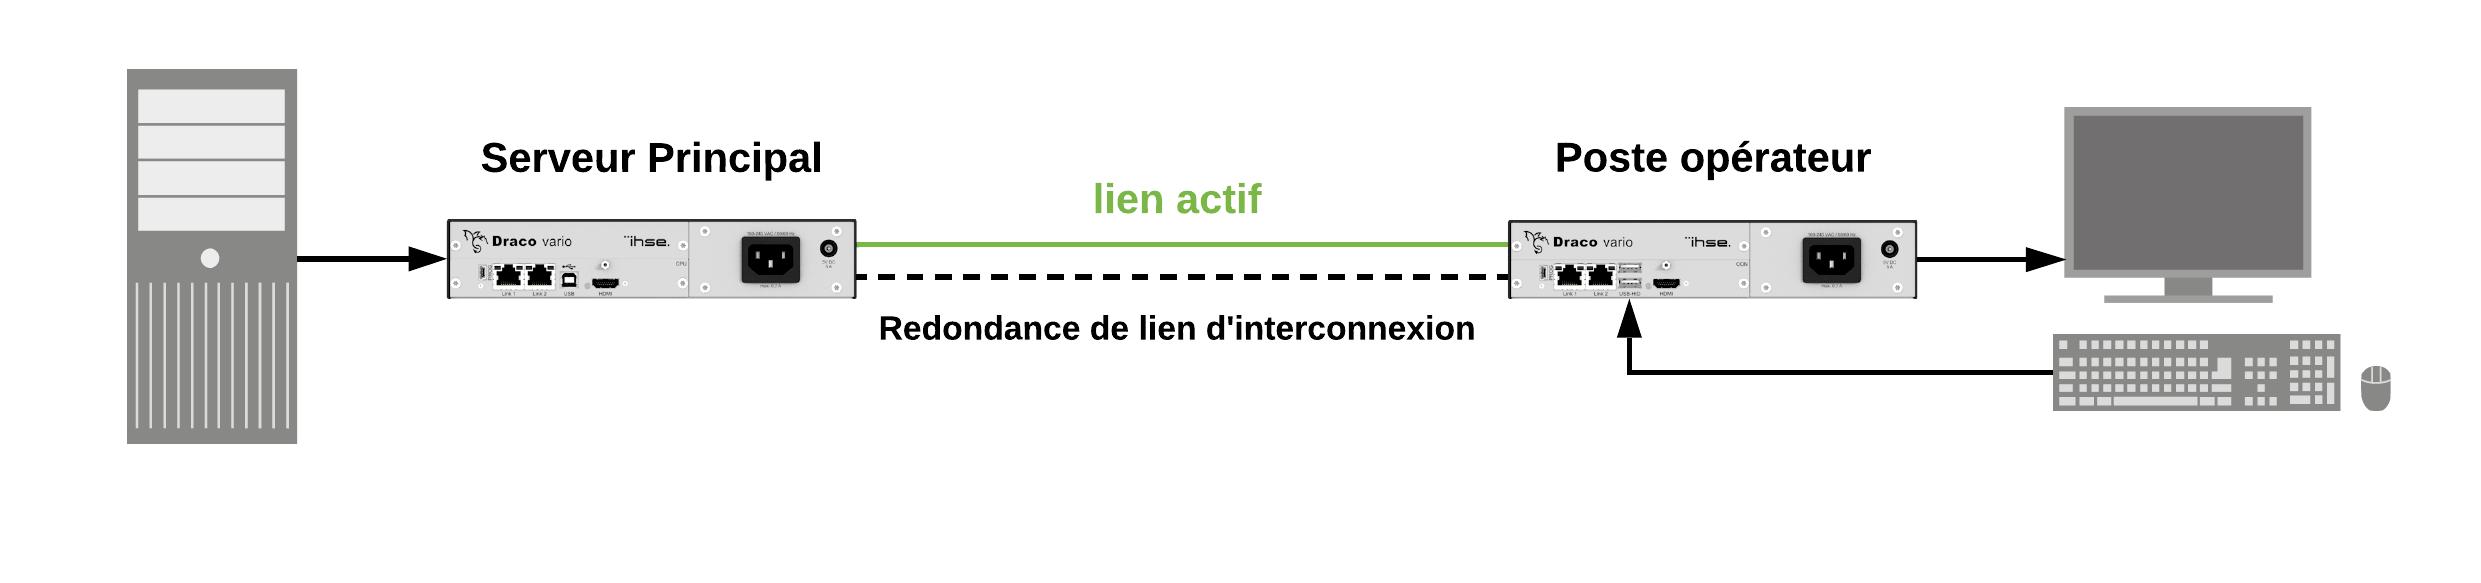 Redondance intégrée avec double lien d'attachement